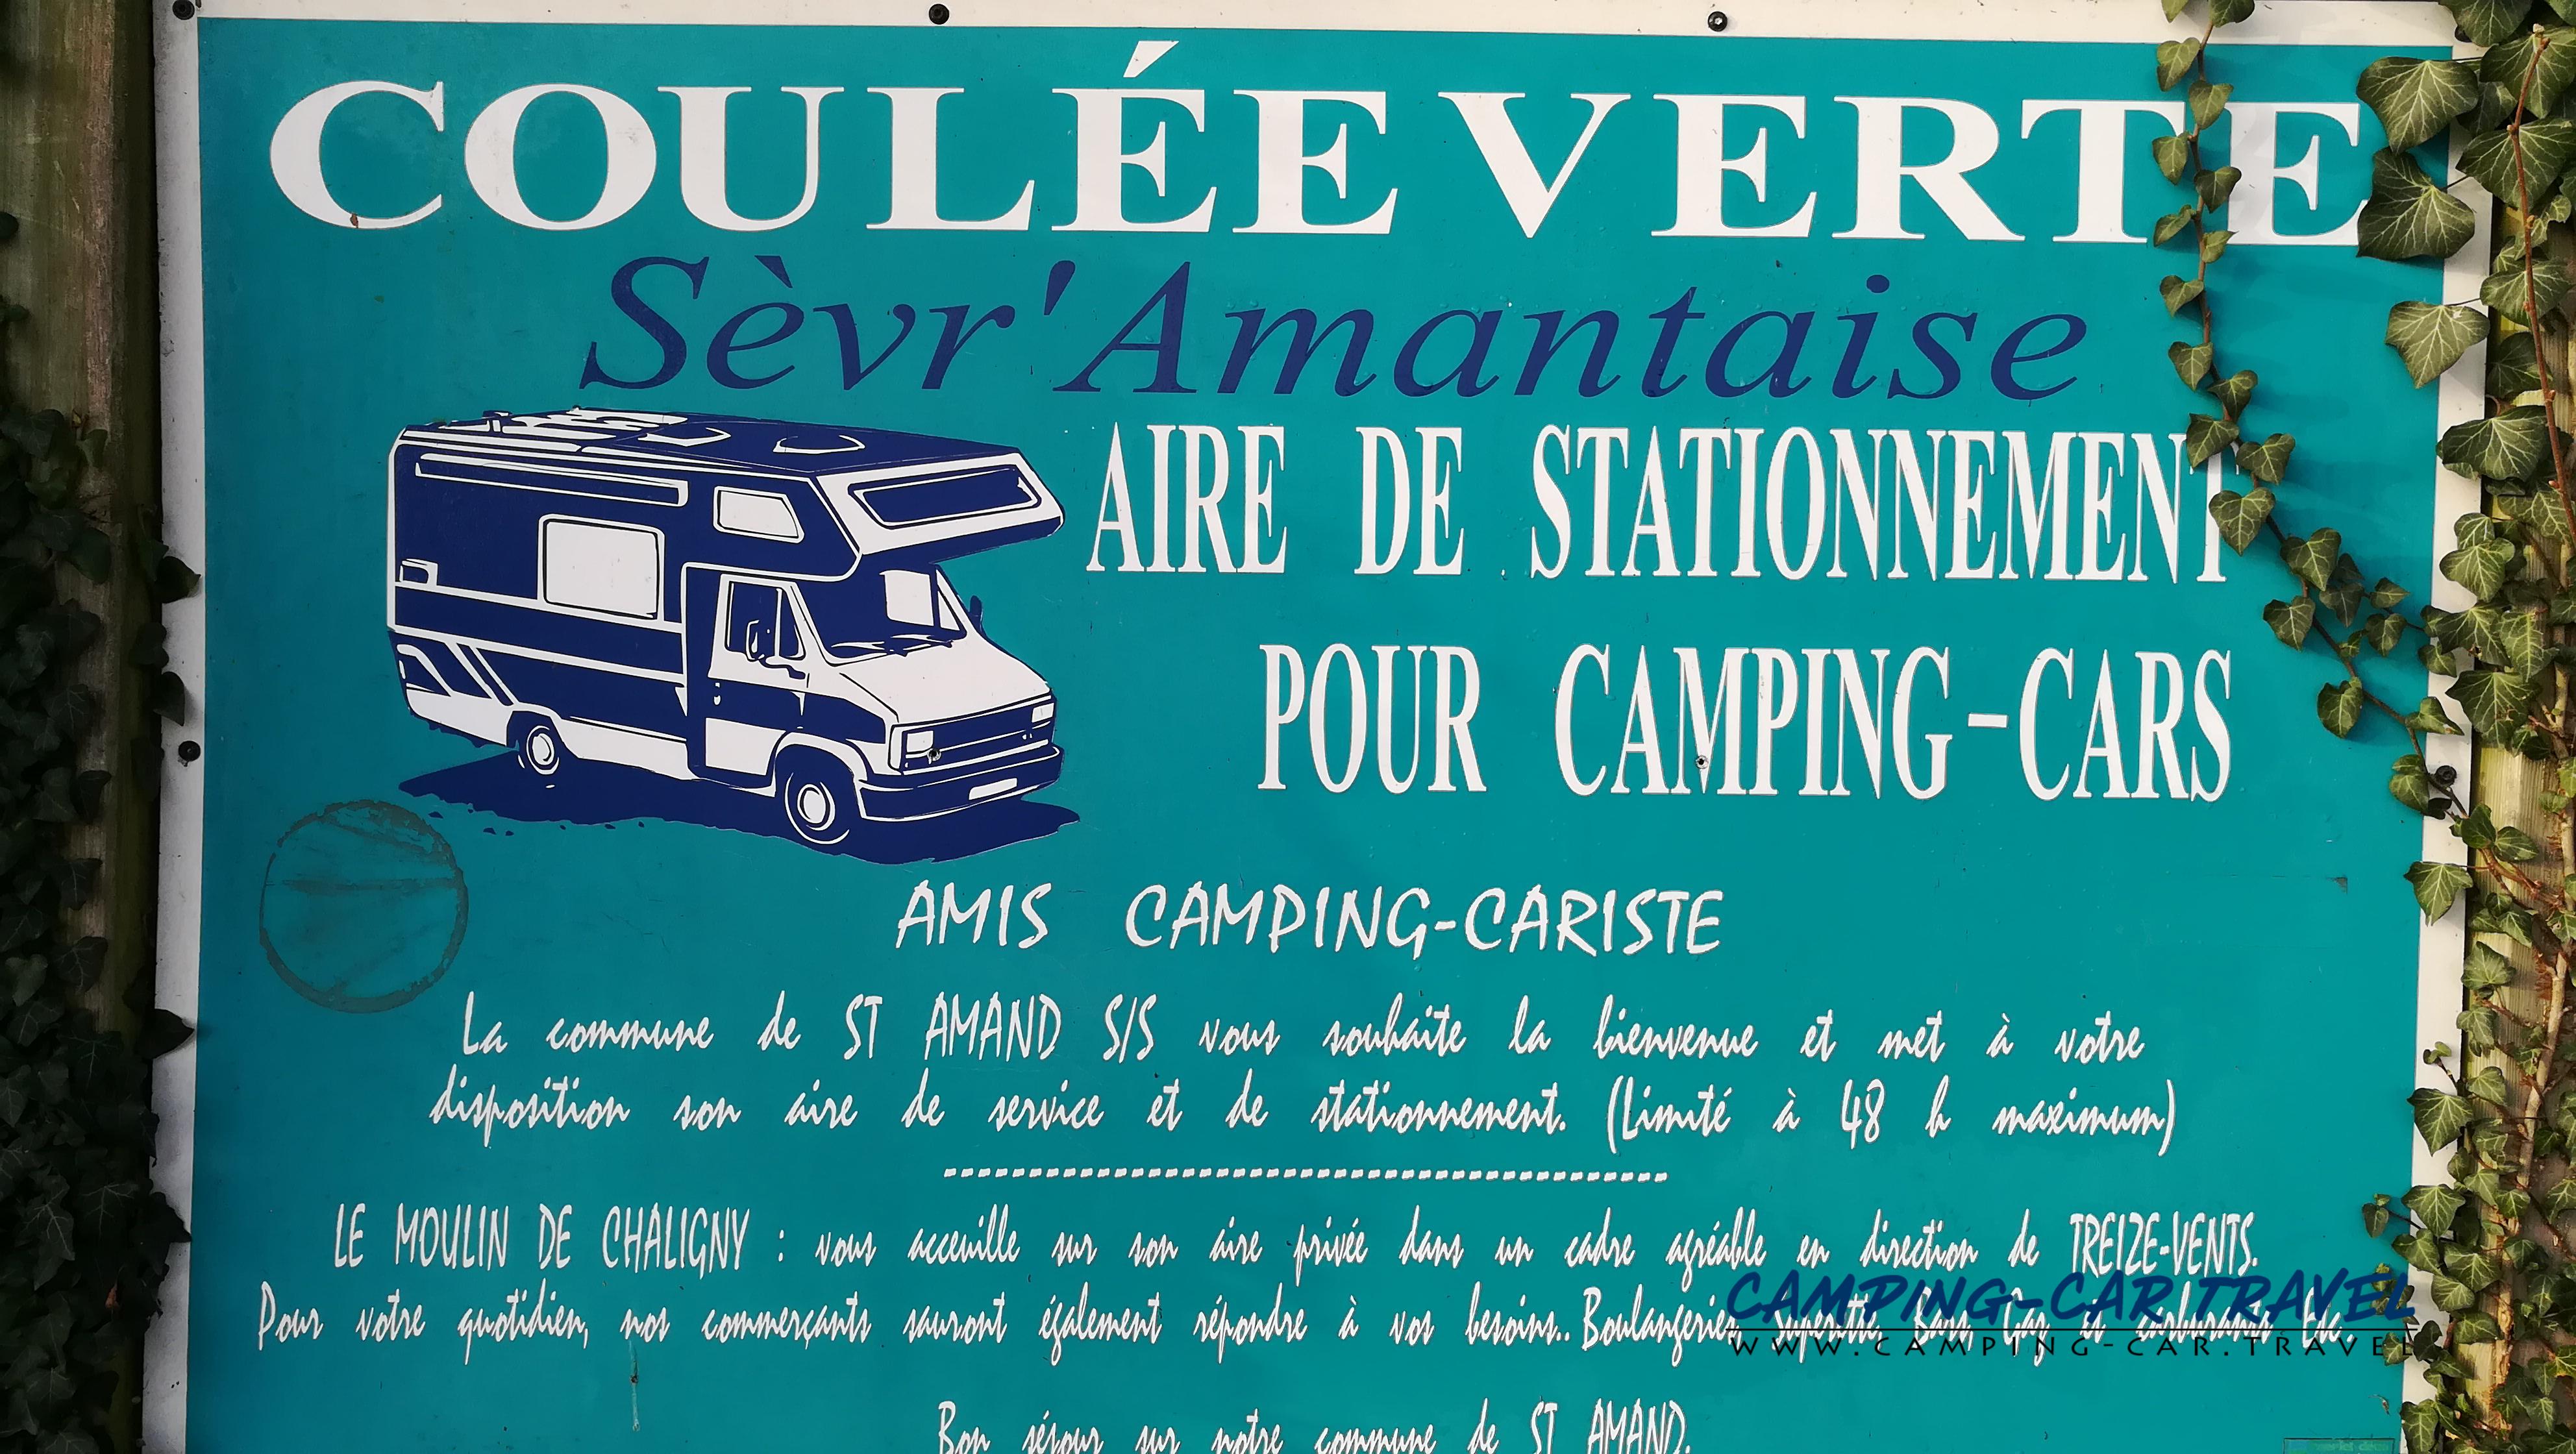 aire services camping car Saint-Amand-sur-Sèvre Deux-Sèvres Poitou-Charente